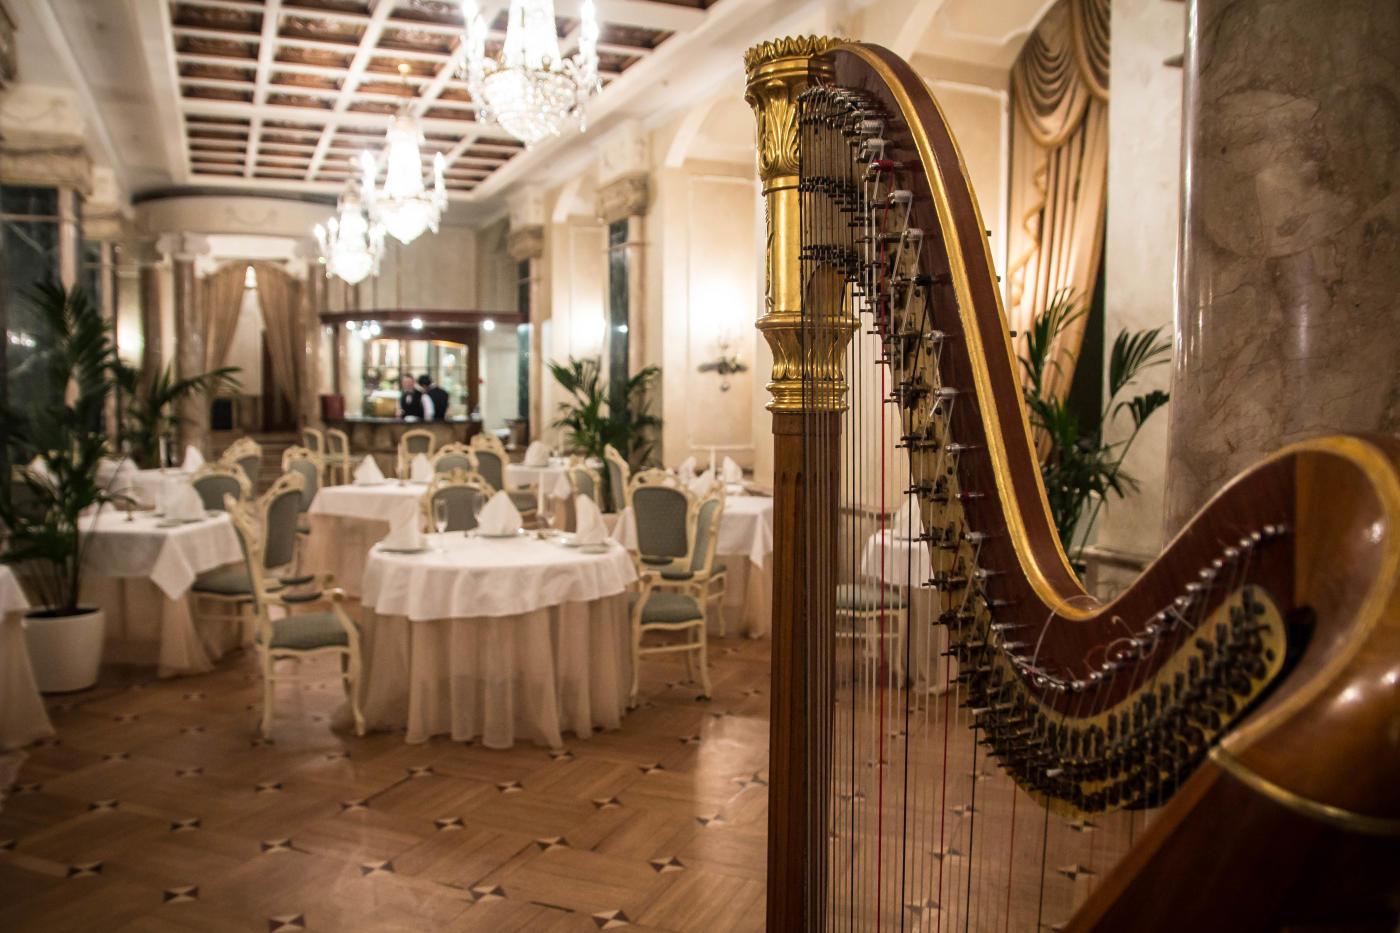 Ресторан Ривьера (Riviere) фото 3